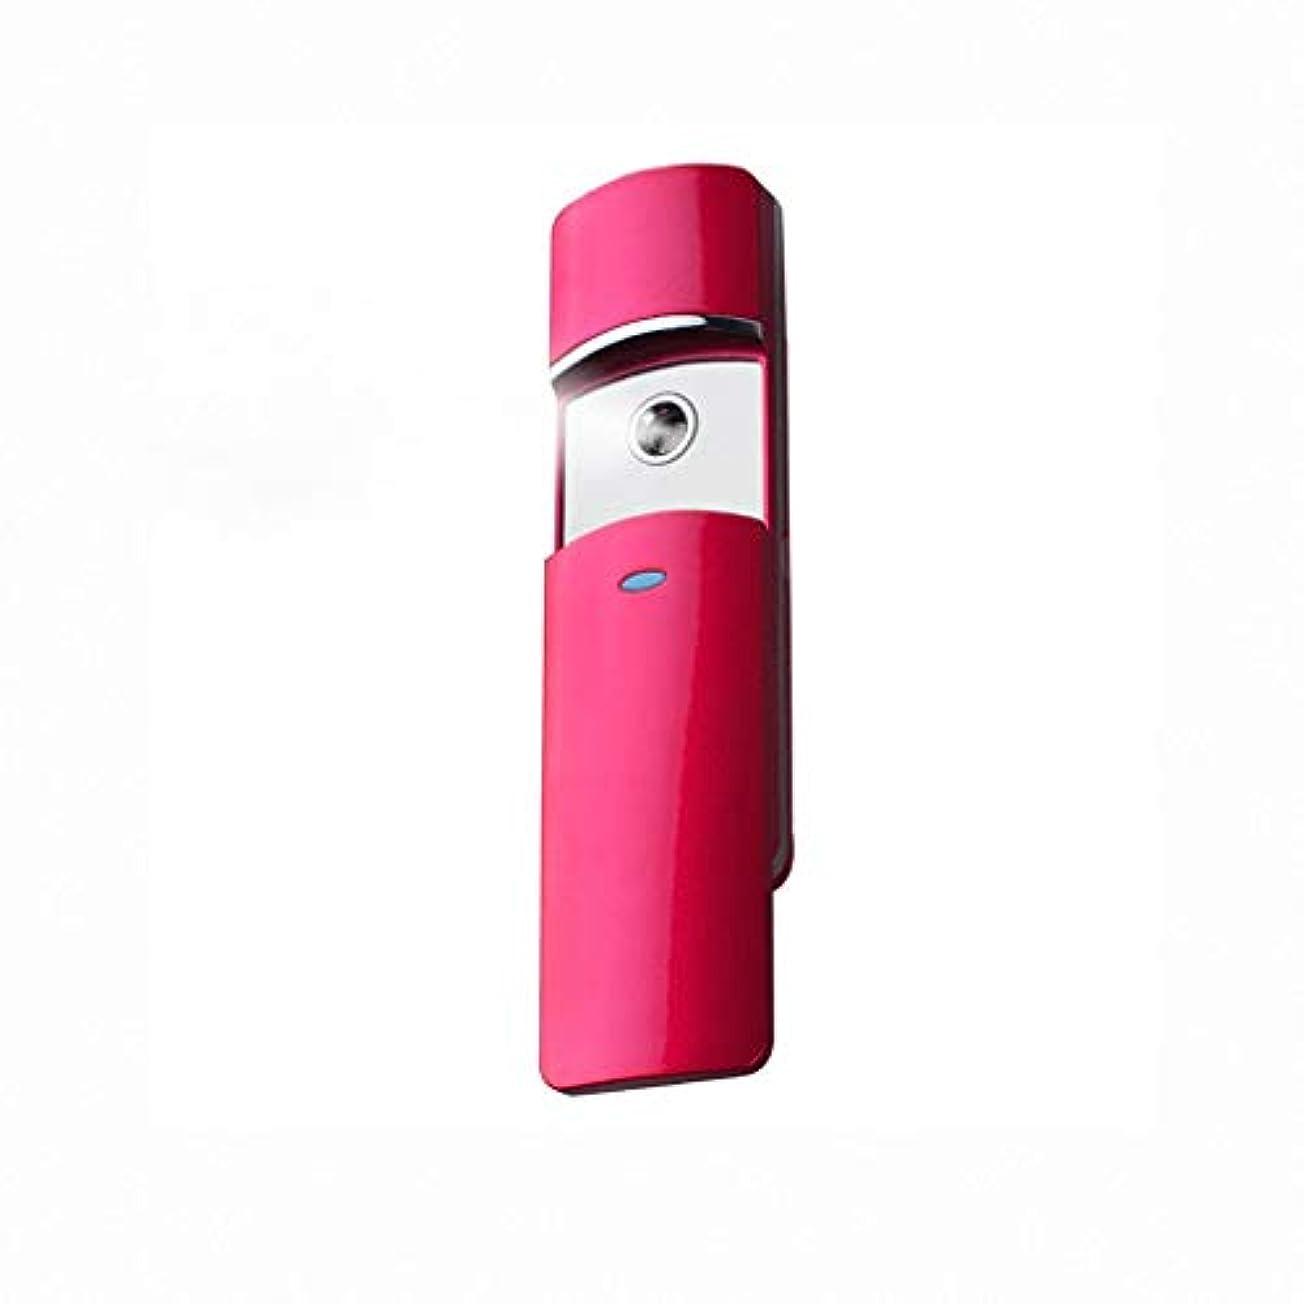 性差別転送南方の噴霧器usb充電式ポータブルフェイシャルスプレー用スキンケアメイクアップまつげエクステンションポータブル抗アレルギースチーマー充電器